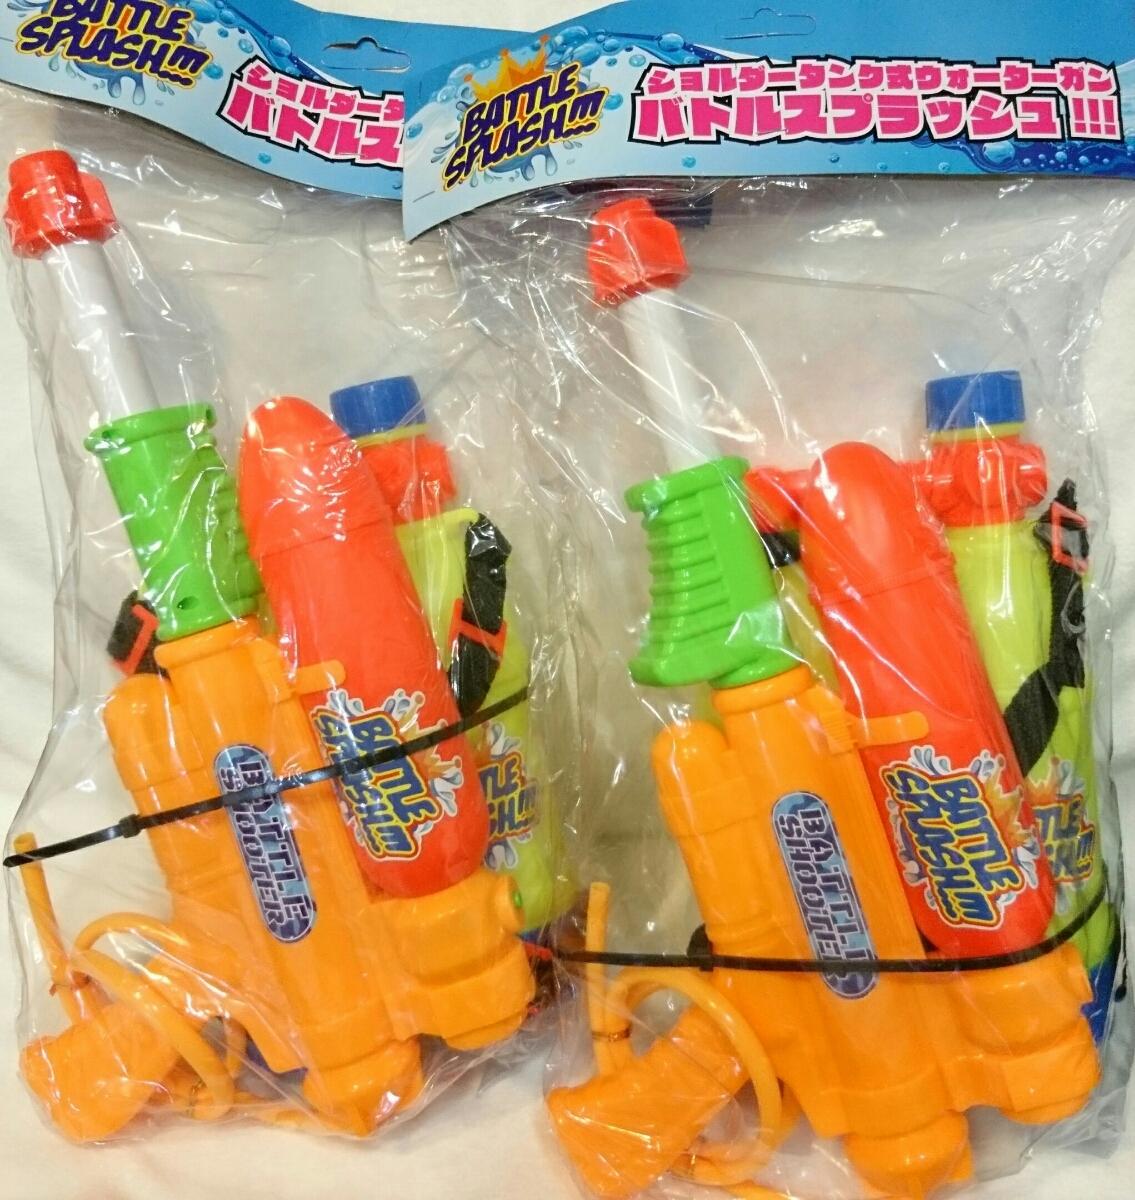 2個セット【バトルスプラッシュ】ショルダータンク式 ウォーターガン 水鉄砲 水遊び 水かけ BATTLE SPLASH SHOOTER スプラッシュ 未開封_画像1